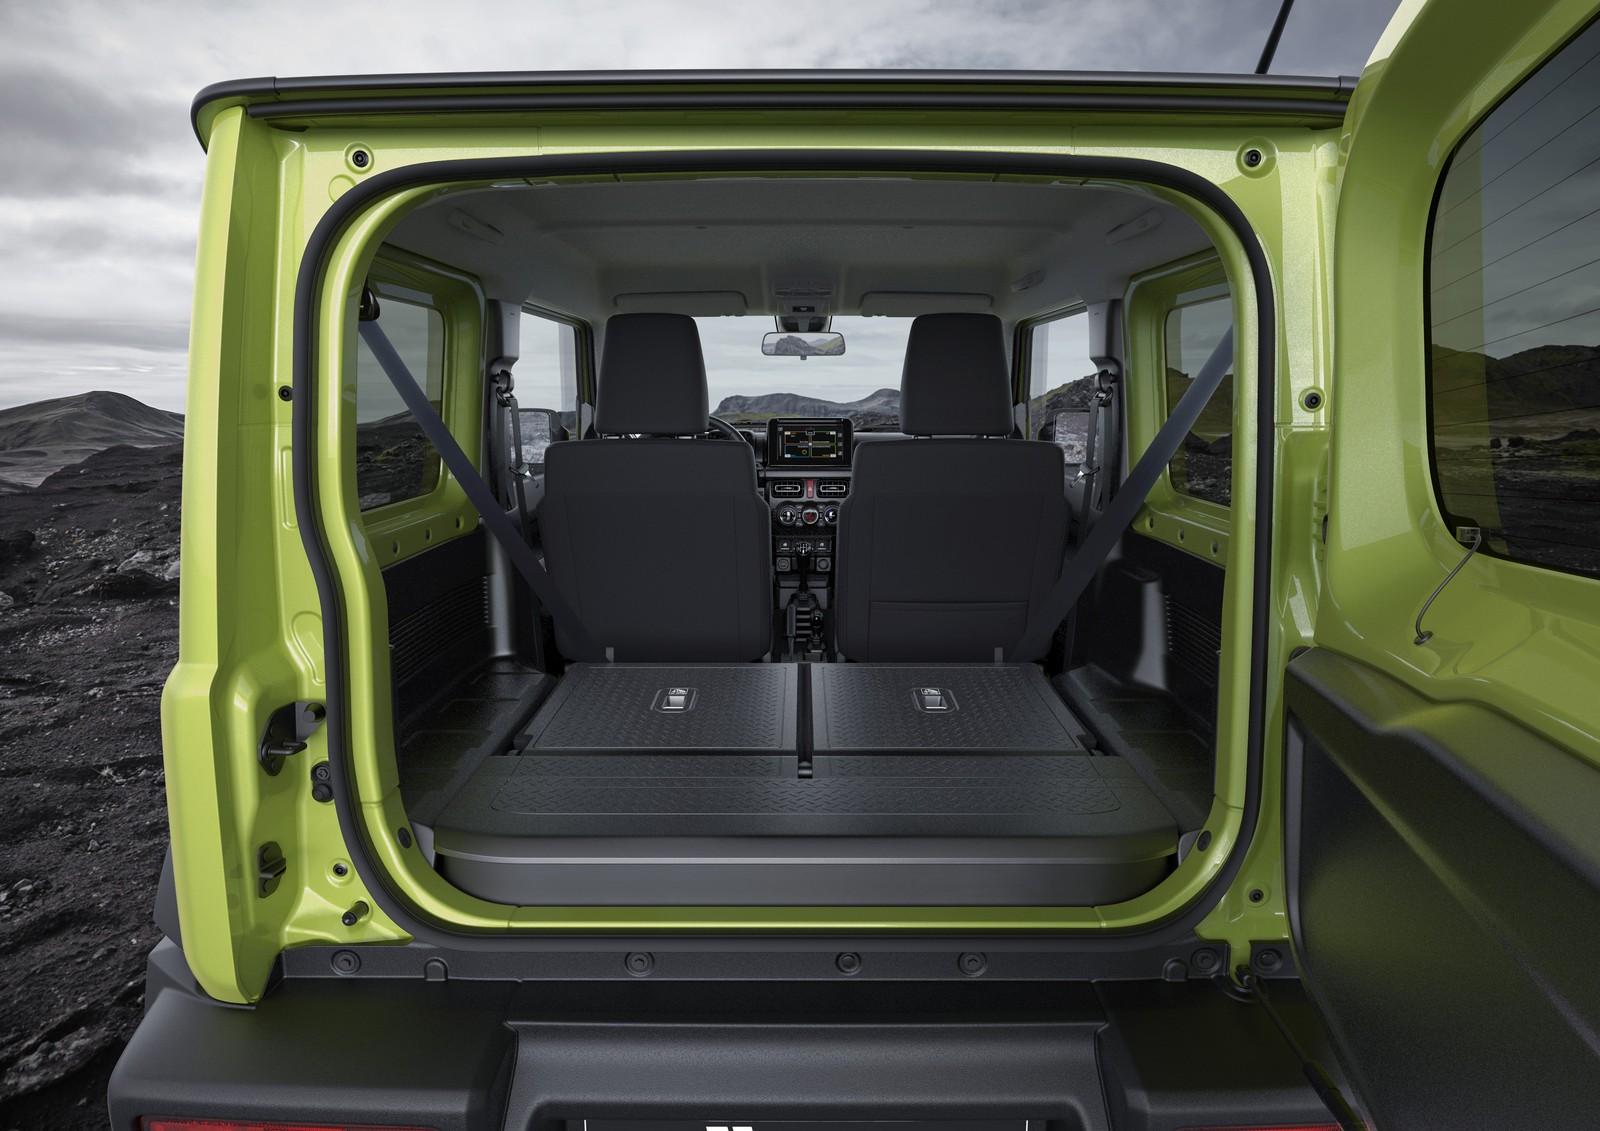 Neuer Suzuki Jimny 2018 Nach Rund 20 Jahren Kommt Die Neuauflage